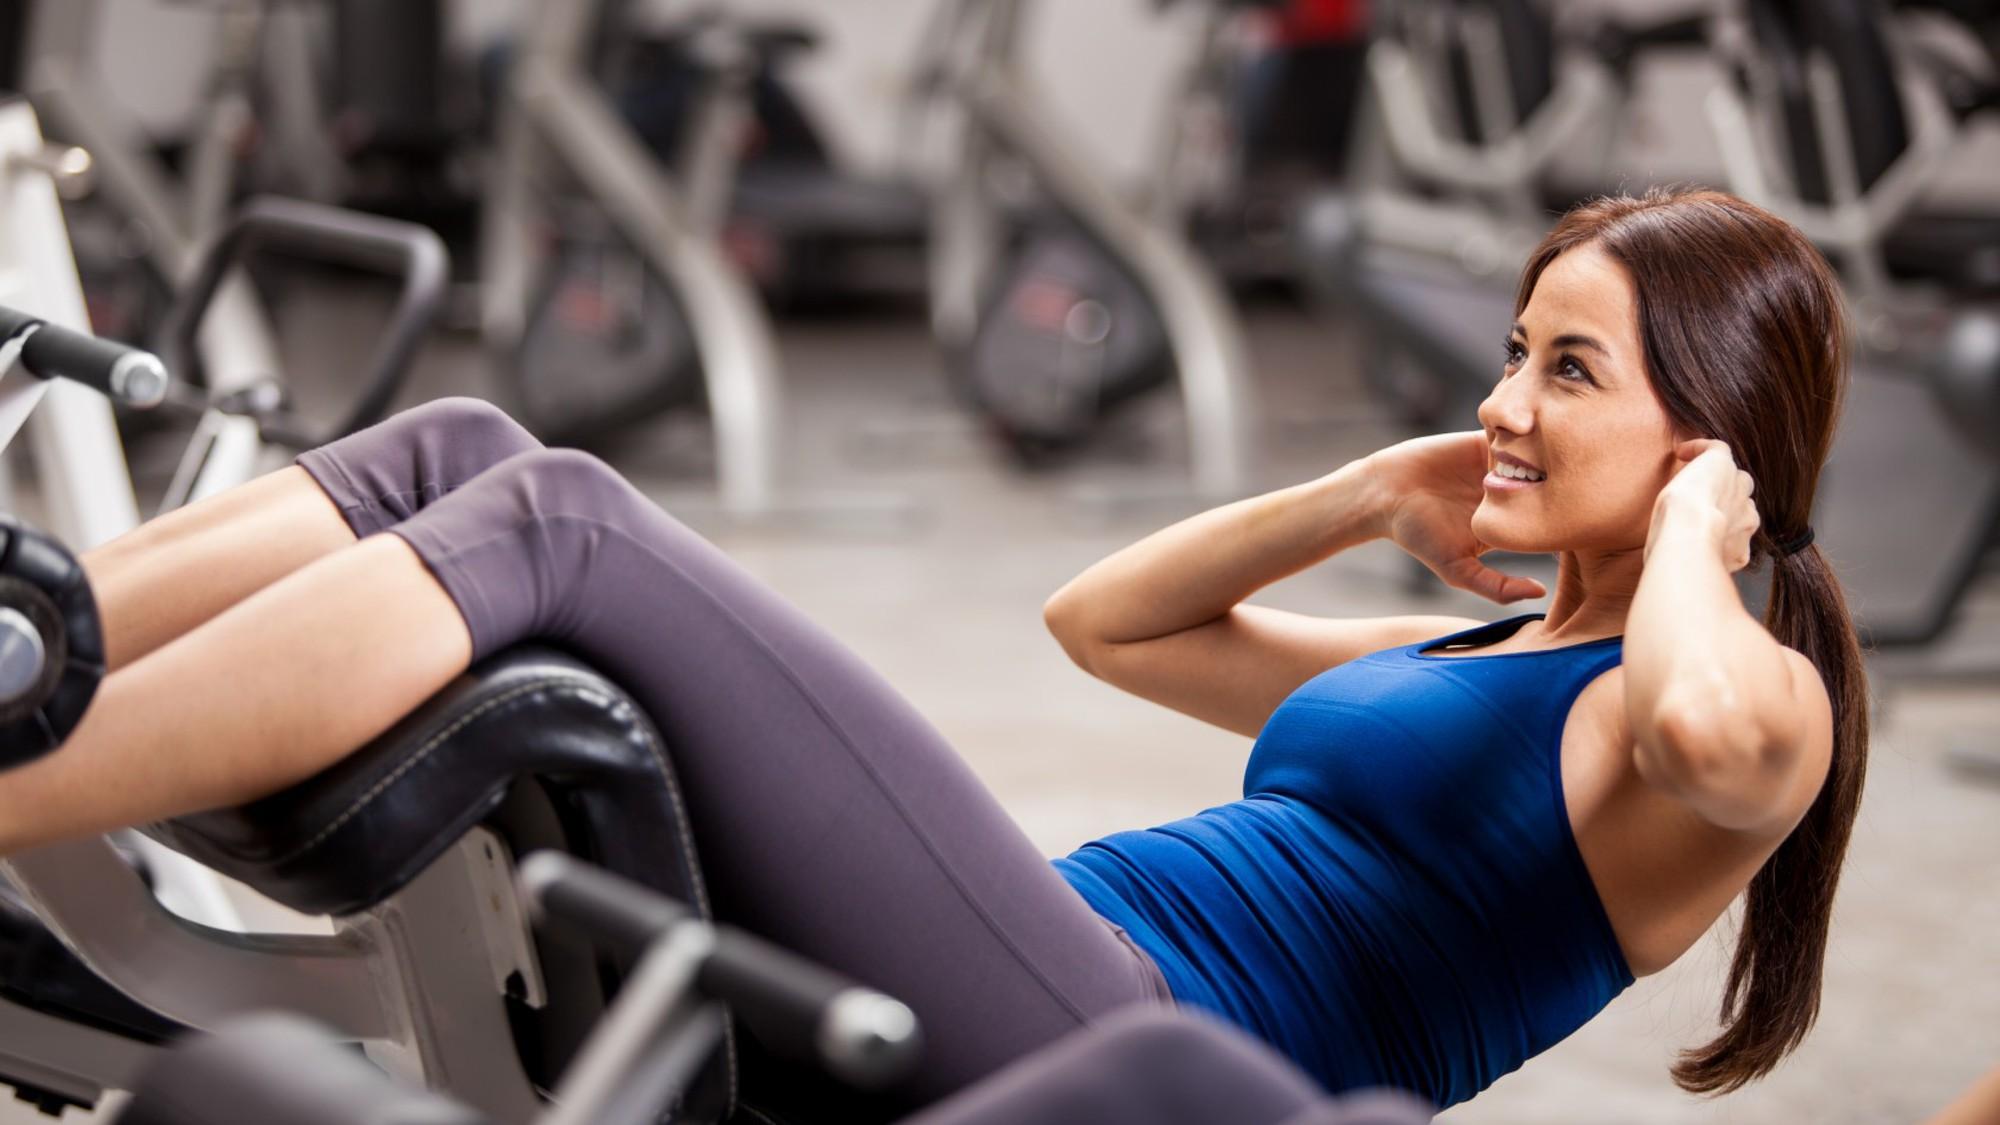 Nếu bạn thuộc tạng người dễ tăng cân thì cần lưu ý ngay những điều sau để cân nặng không tăng vù vù - Ảnh 4.